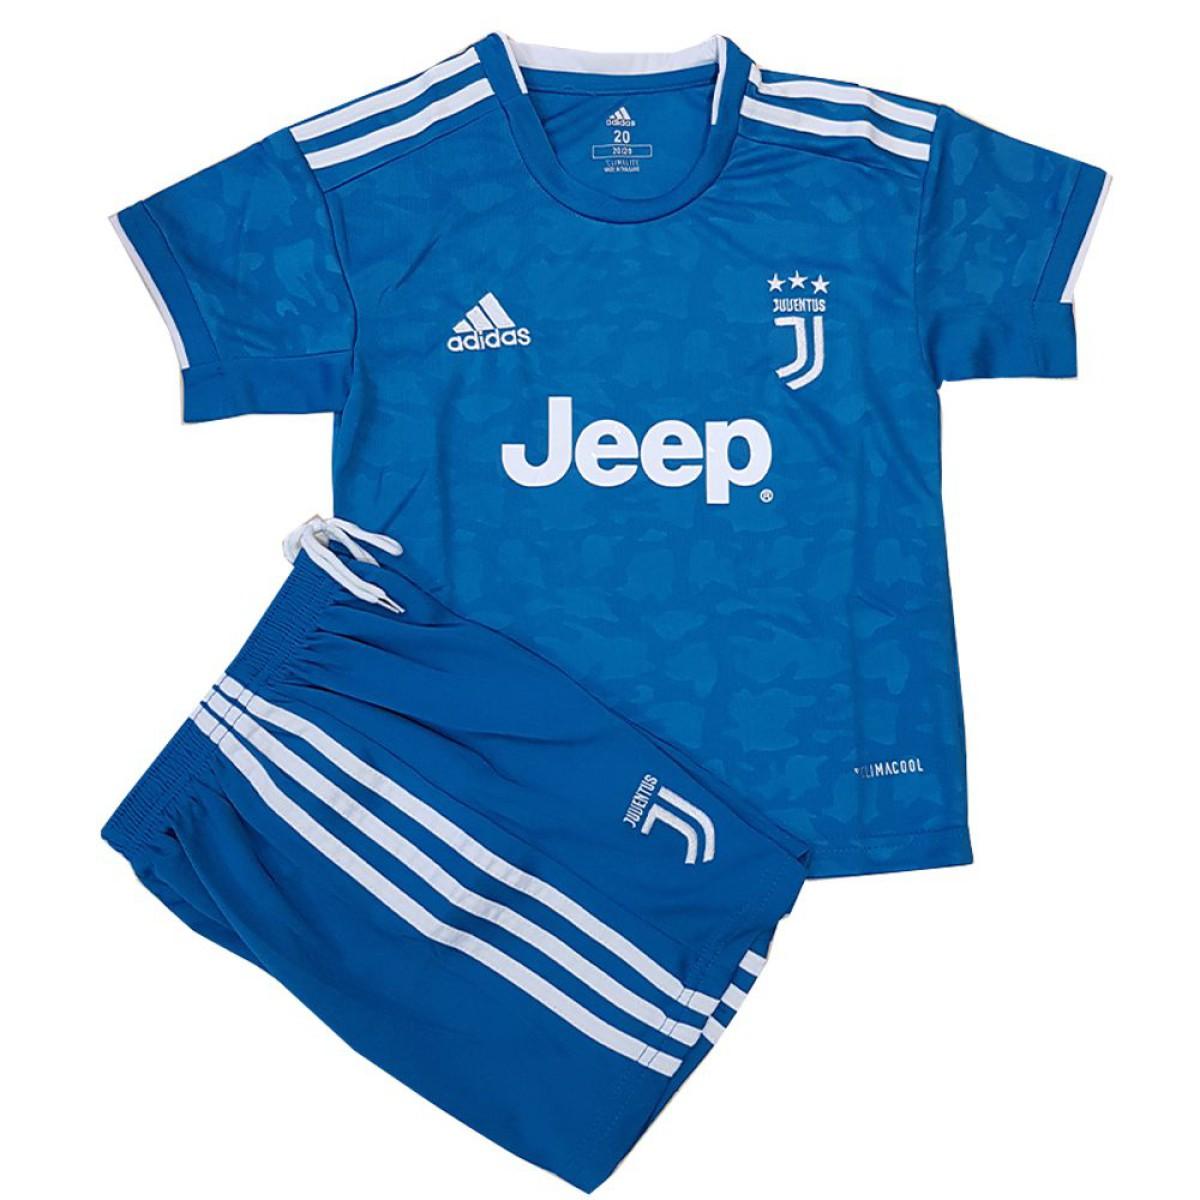 لباس بچه گانه سوم یوونتوس 2020   ست فوتبال پسرانه